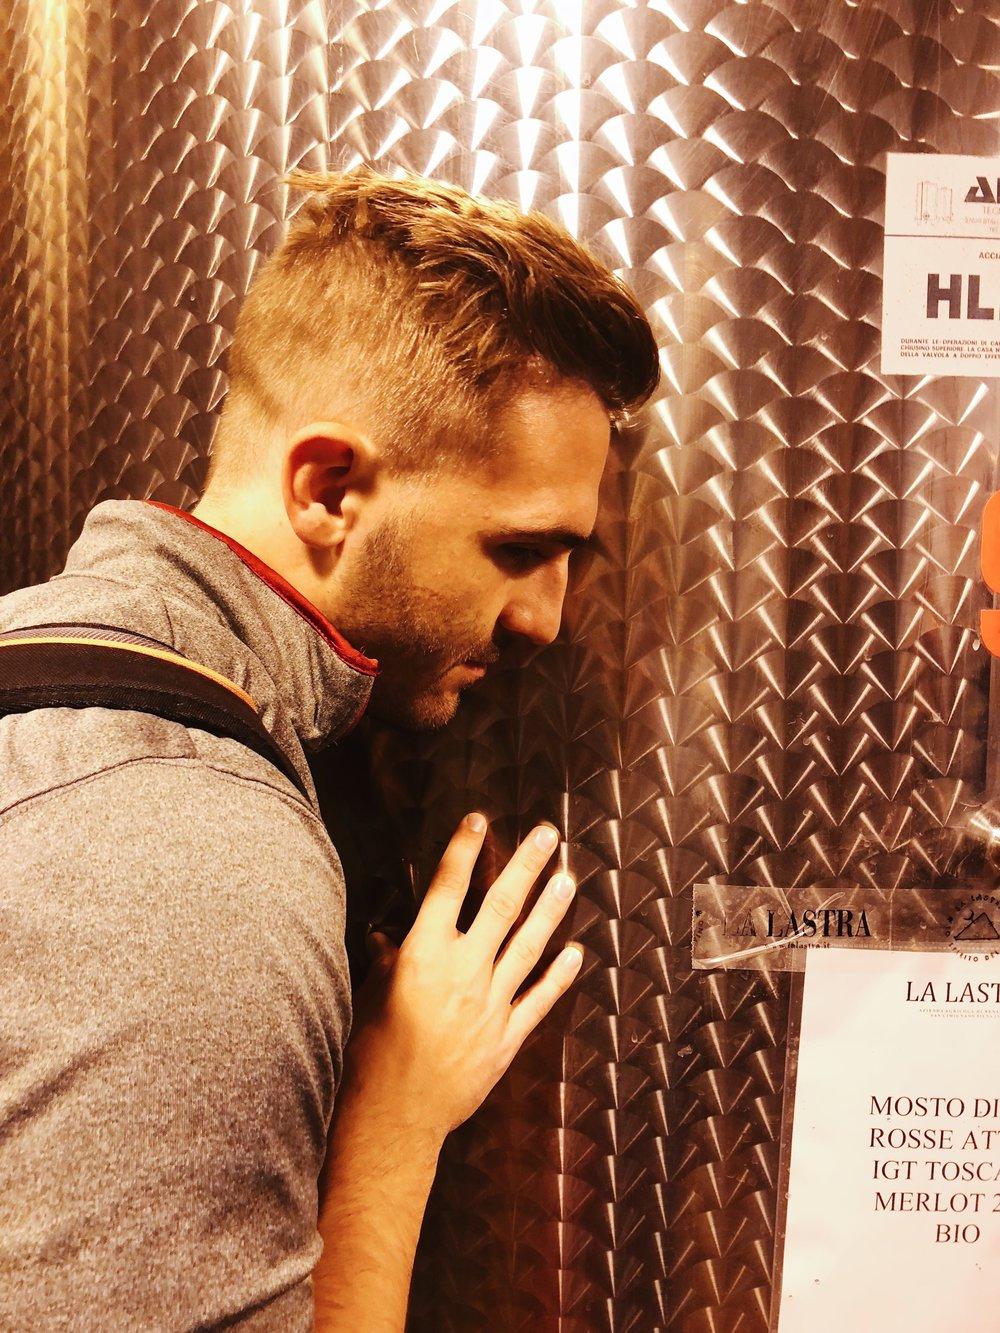 La Lastra Winery Tour Sienna Italy   Miranda Schroeder Blog  www.mirandaschroeder.com